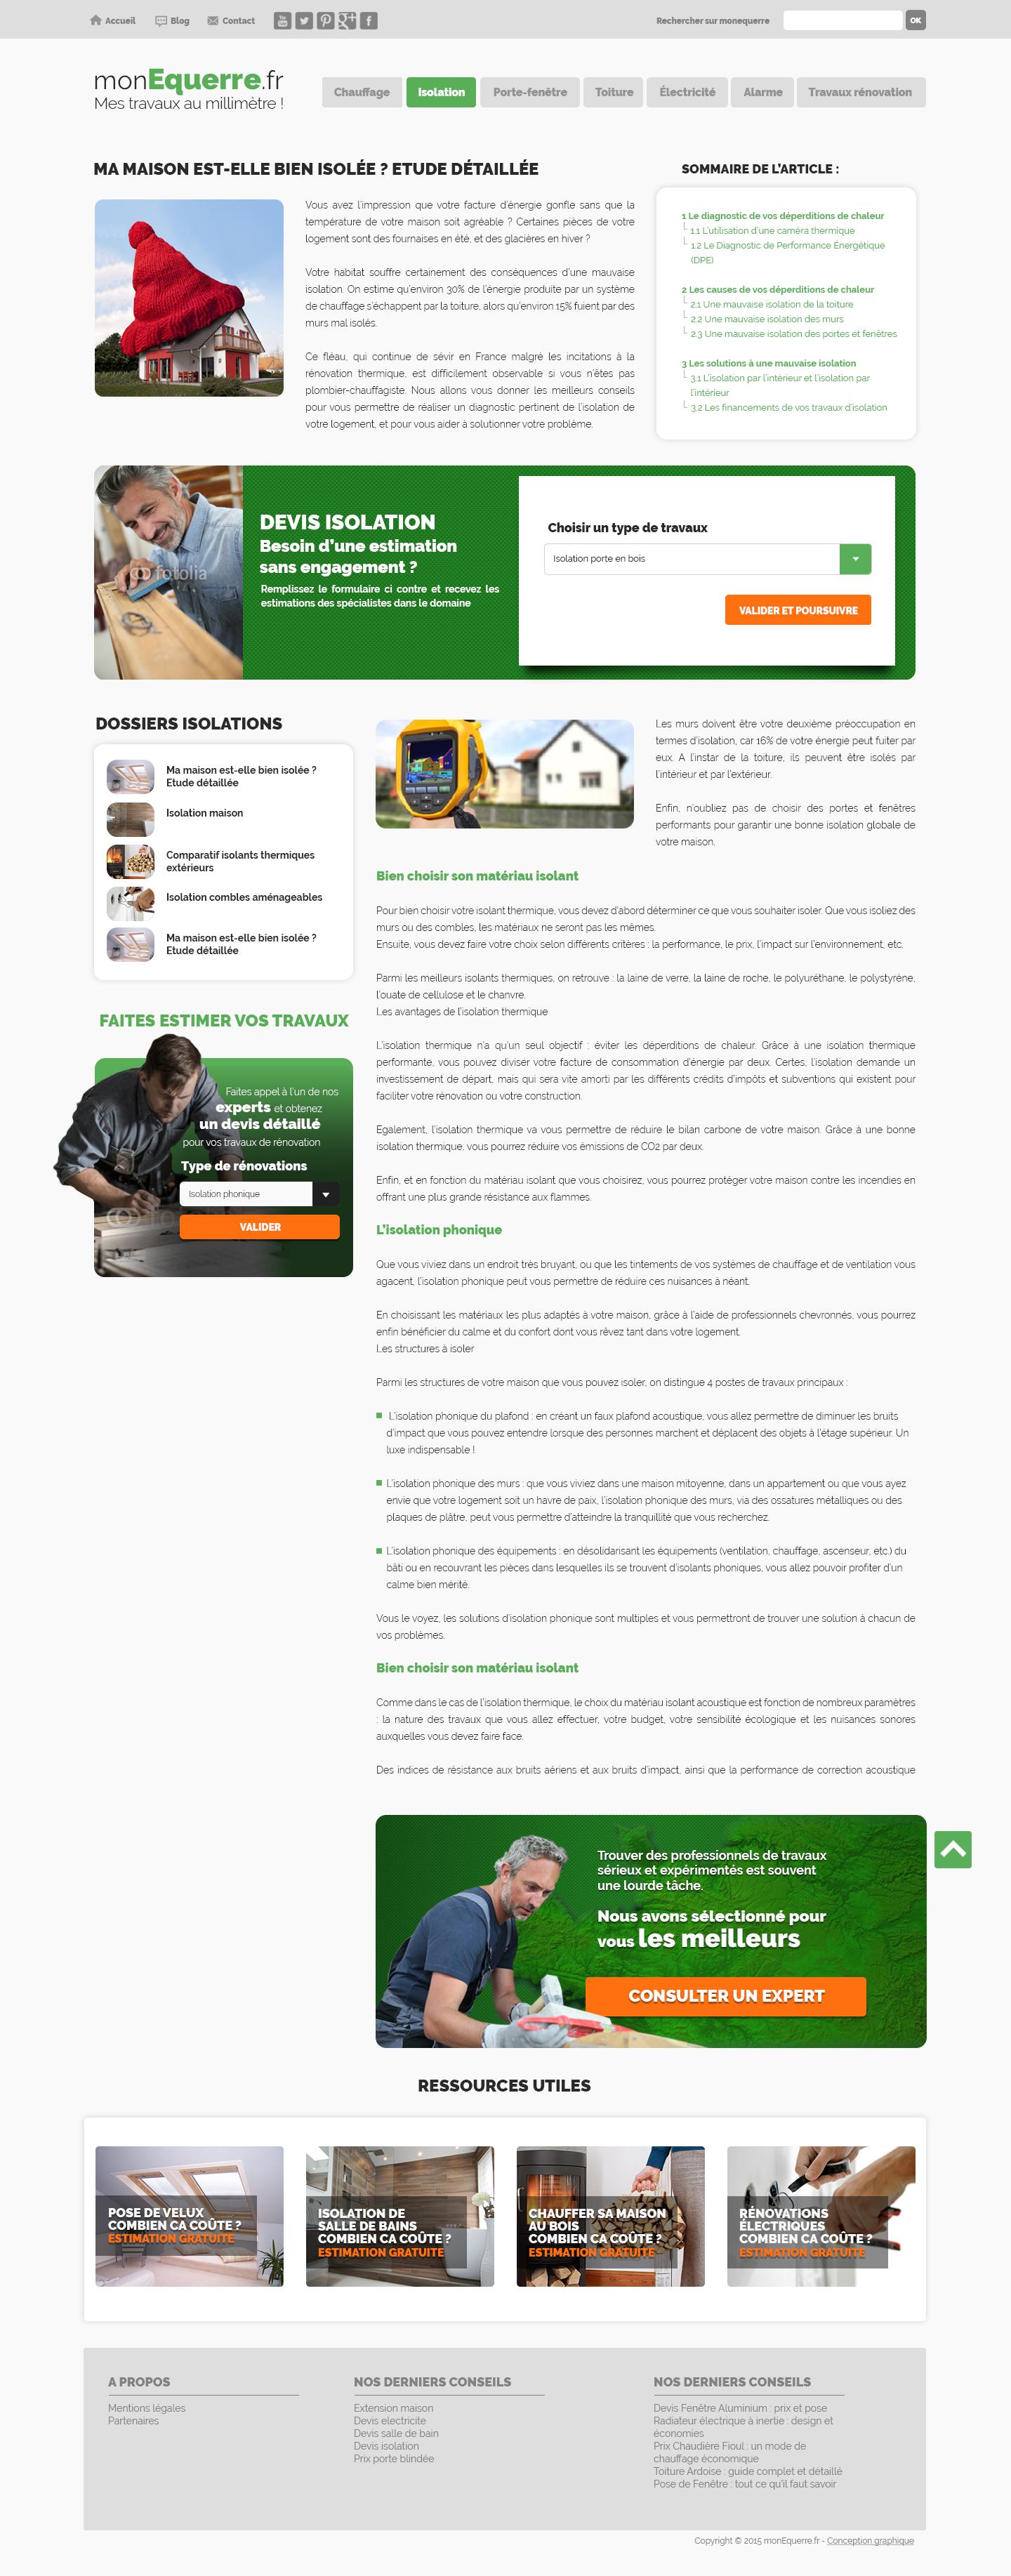 monequerre.fr - Site réalisé par Webdesigner freelance